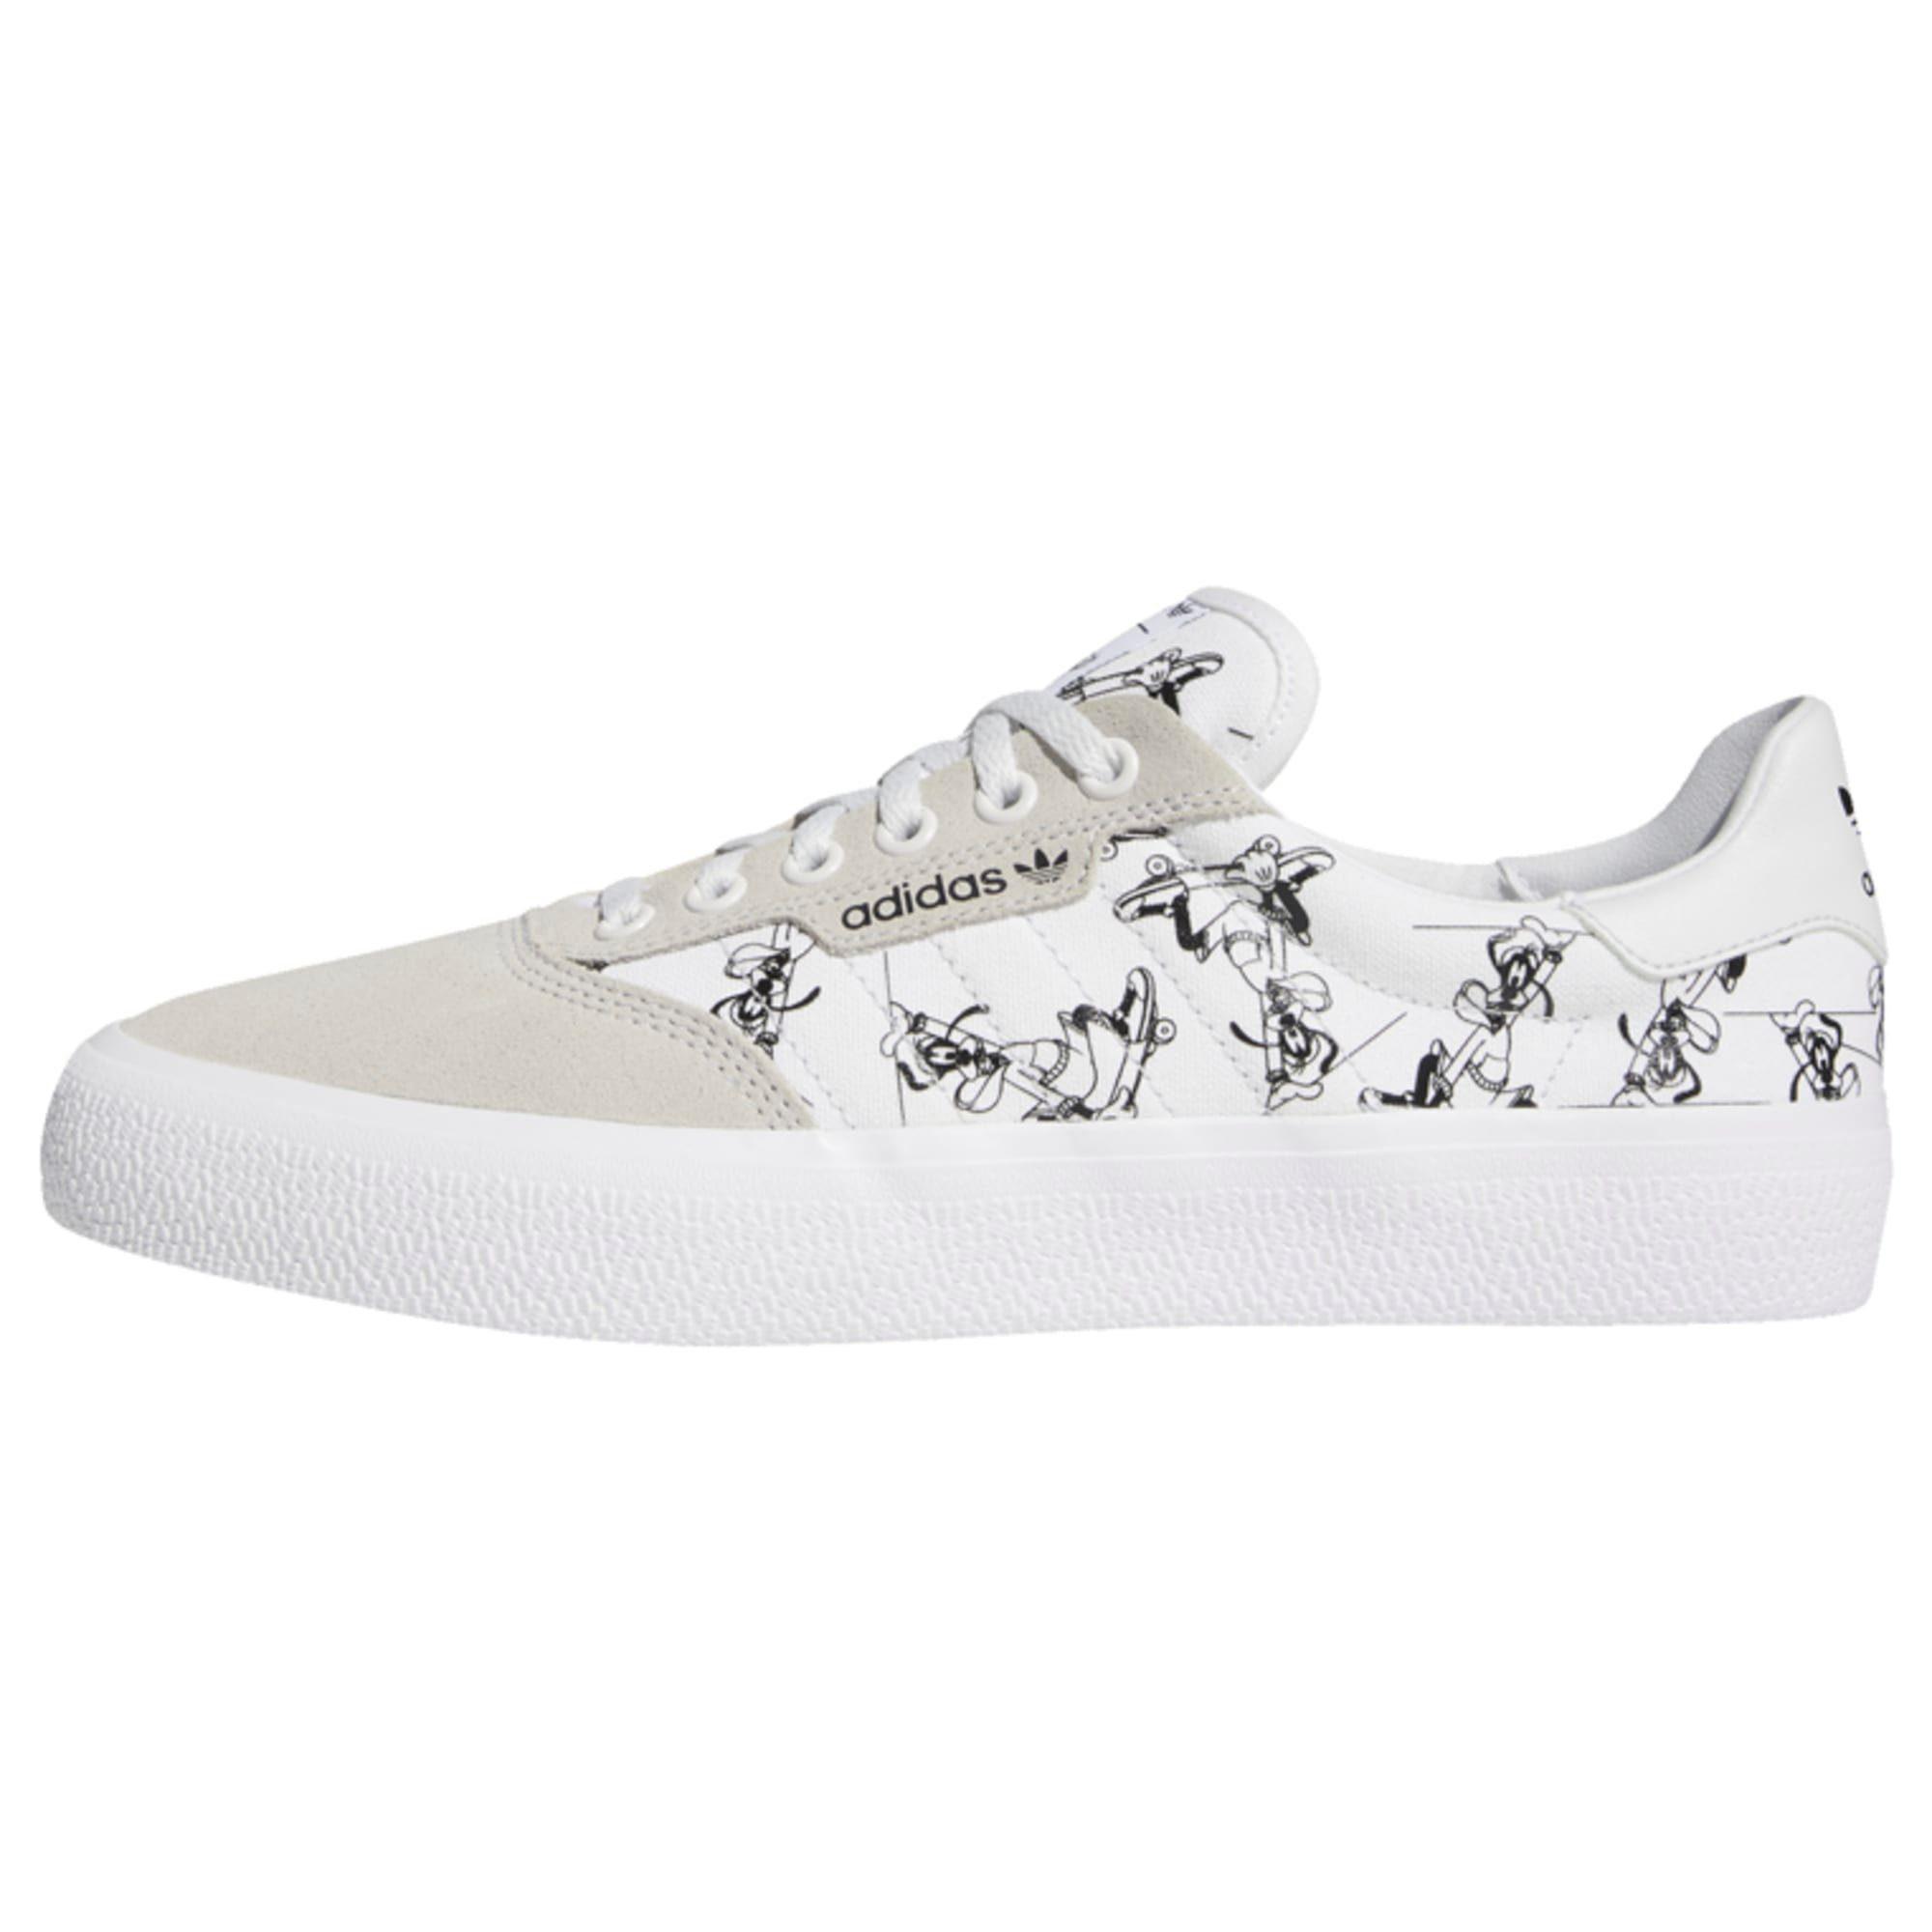 adidas Originals »3MC x Disney Sport Goofy Schuh« Sneaker online kaufen |  OTTO